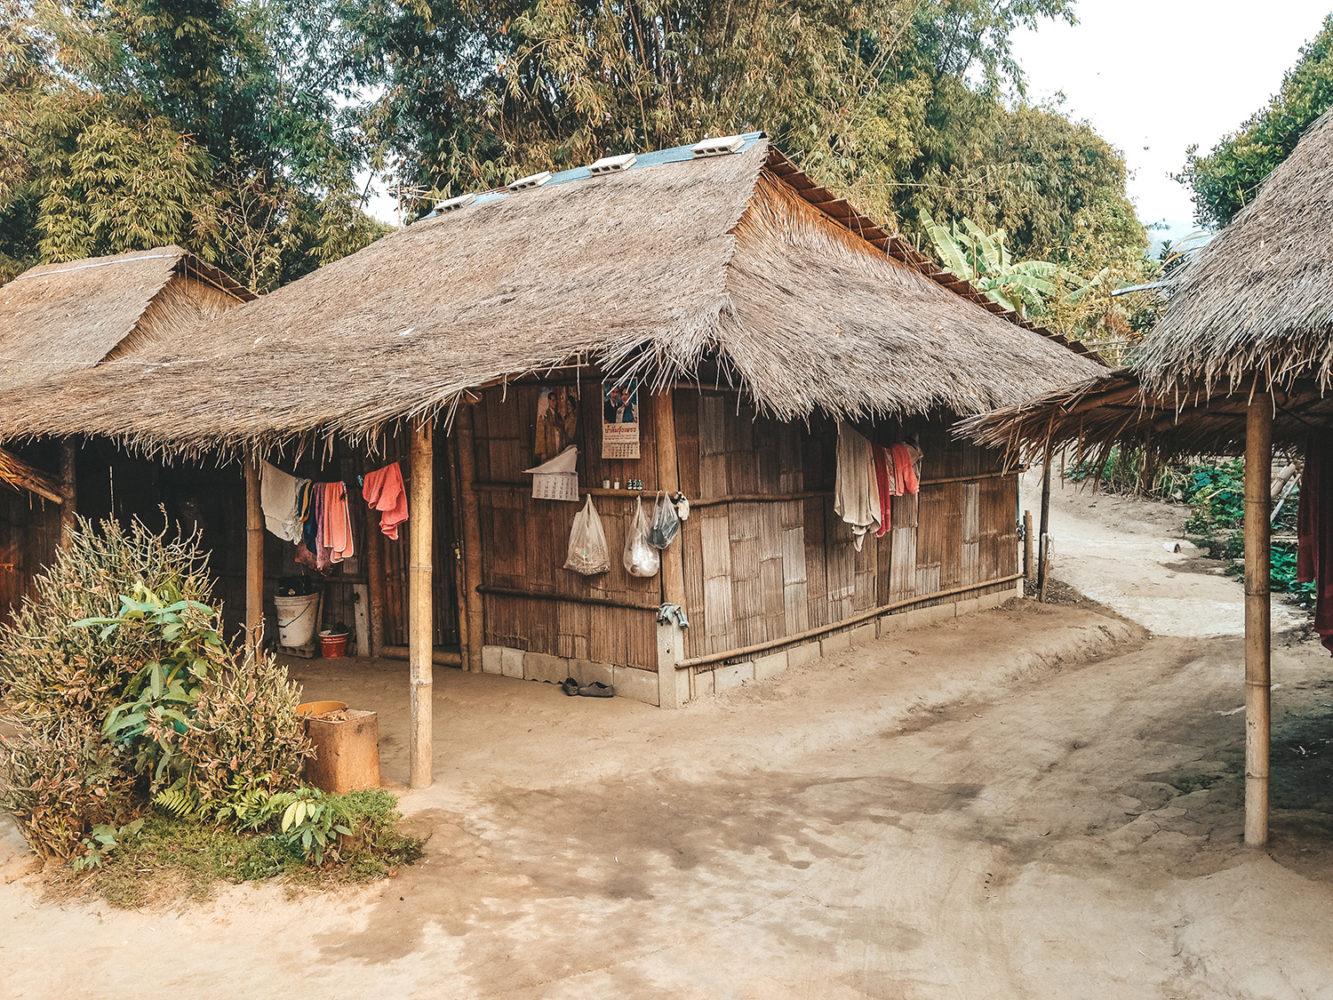 Les cabanes en bois et paille du village